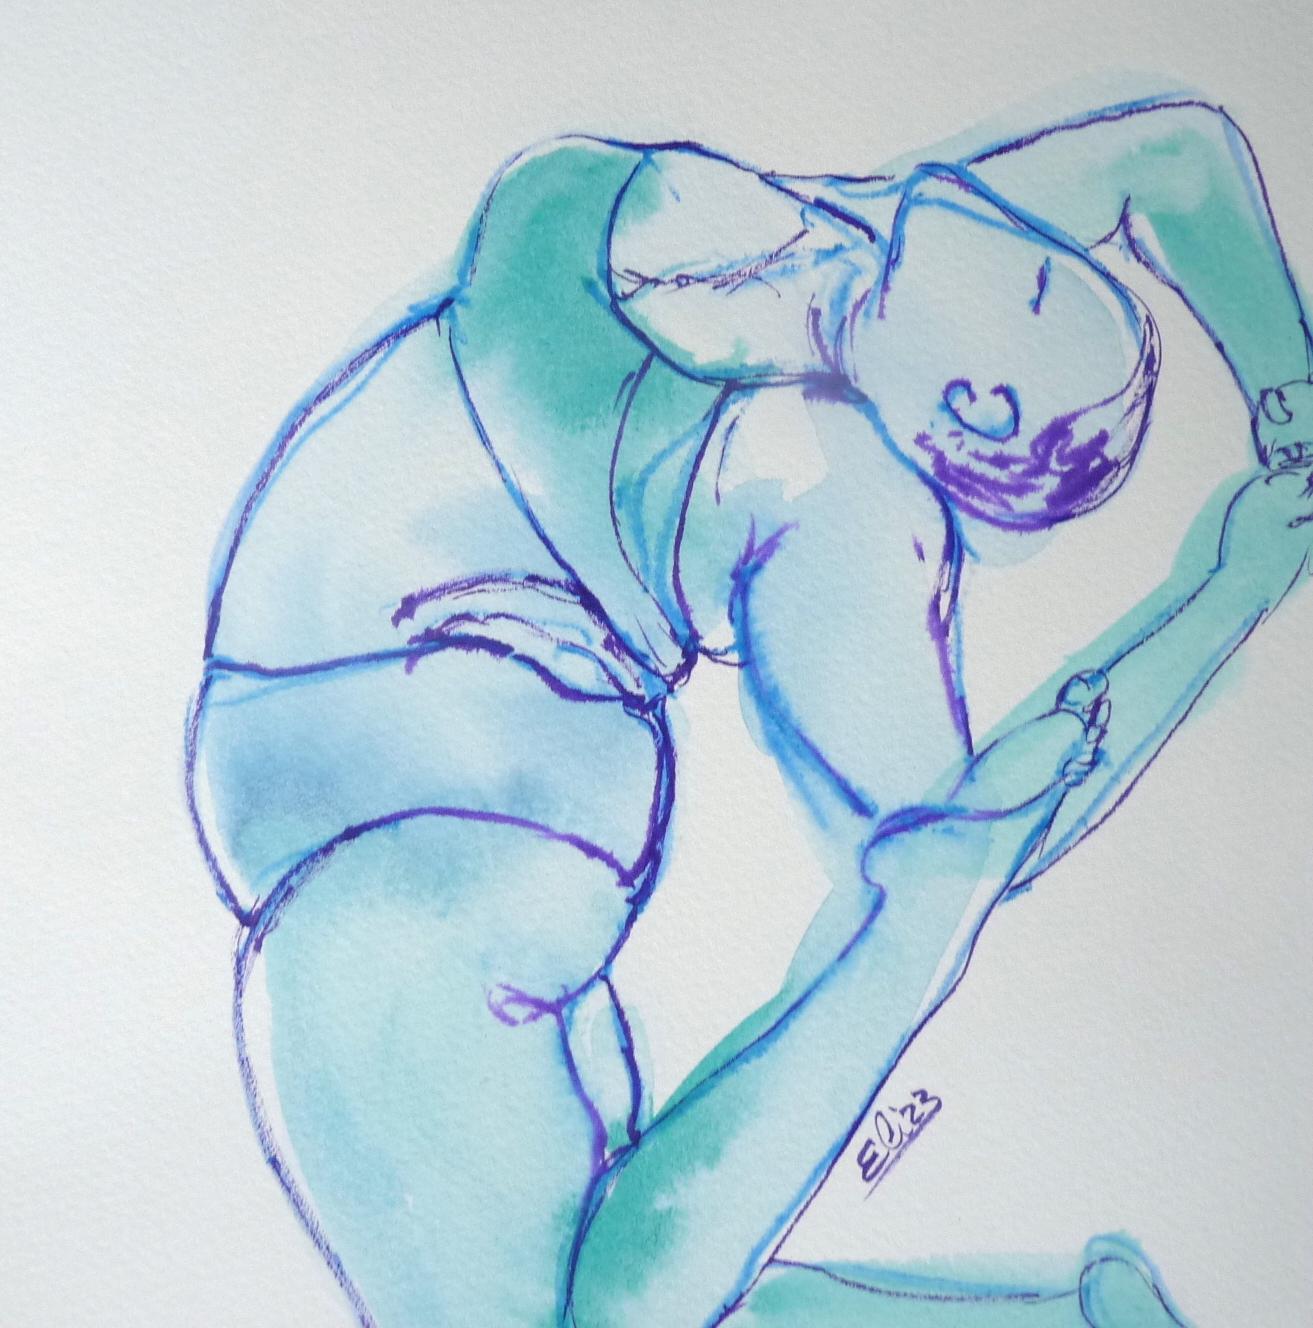 yoga femme ronde esquisse croquis artistique dessin encre bodyacceptance Jessamyn